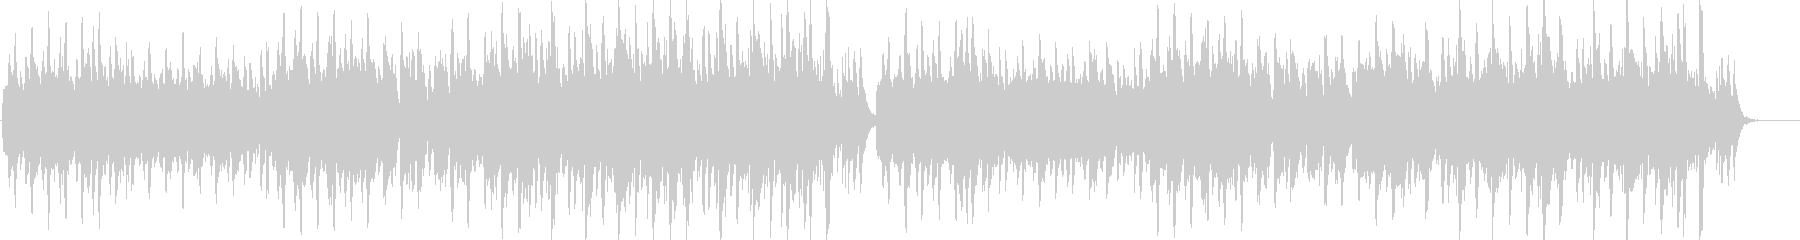 エレガントなフルートのワルツの未再生の波形